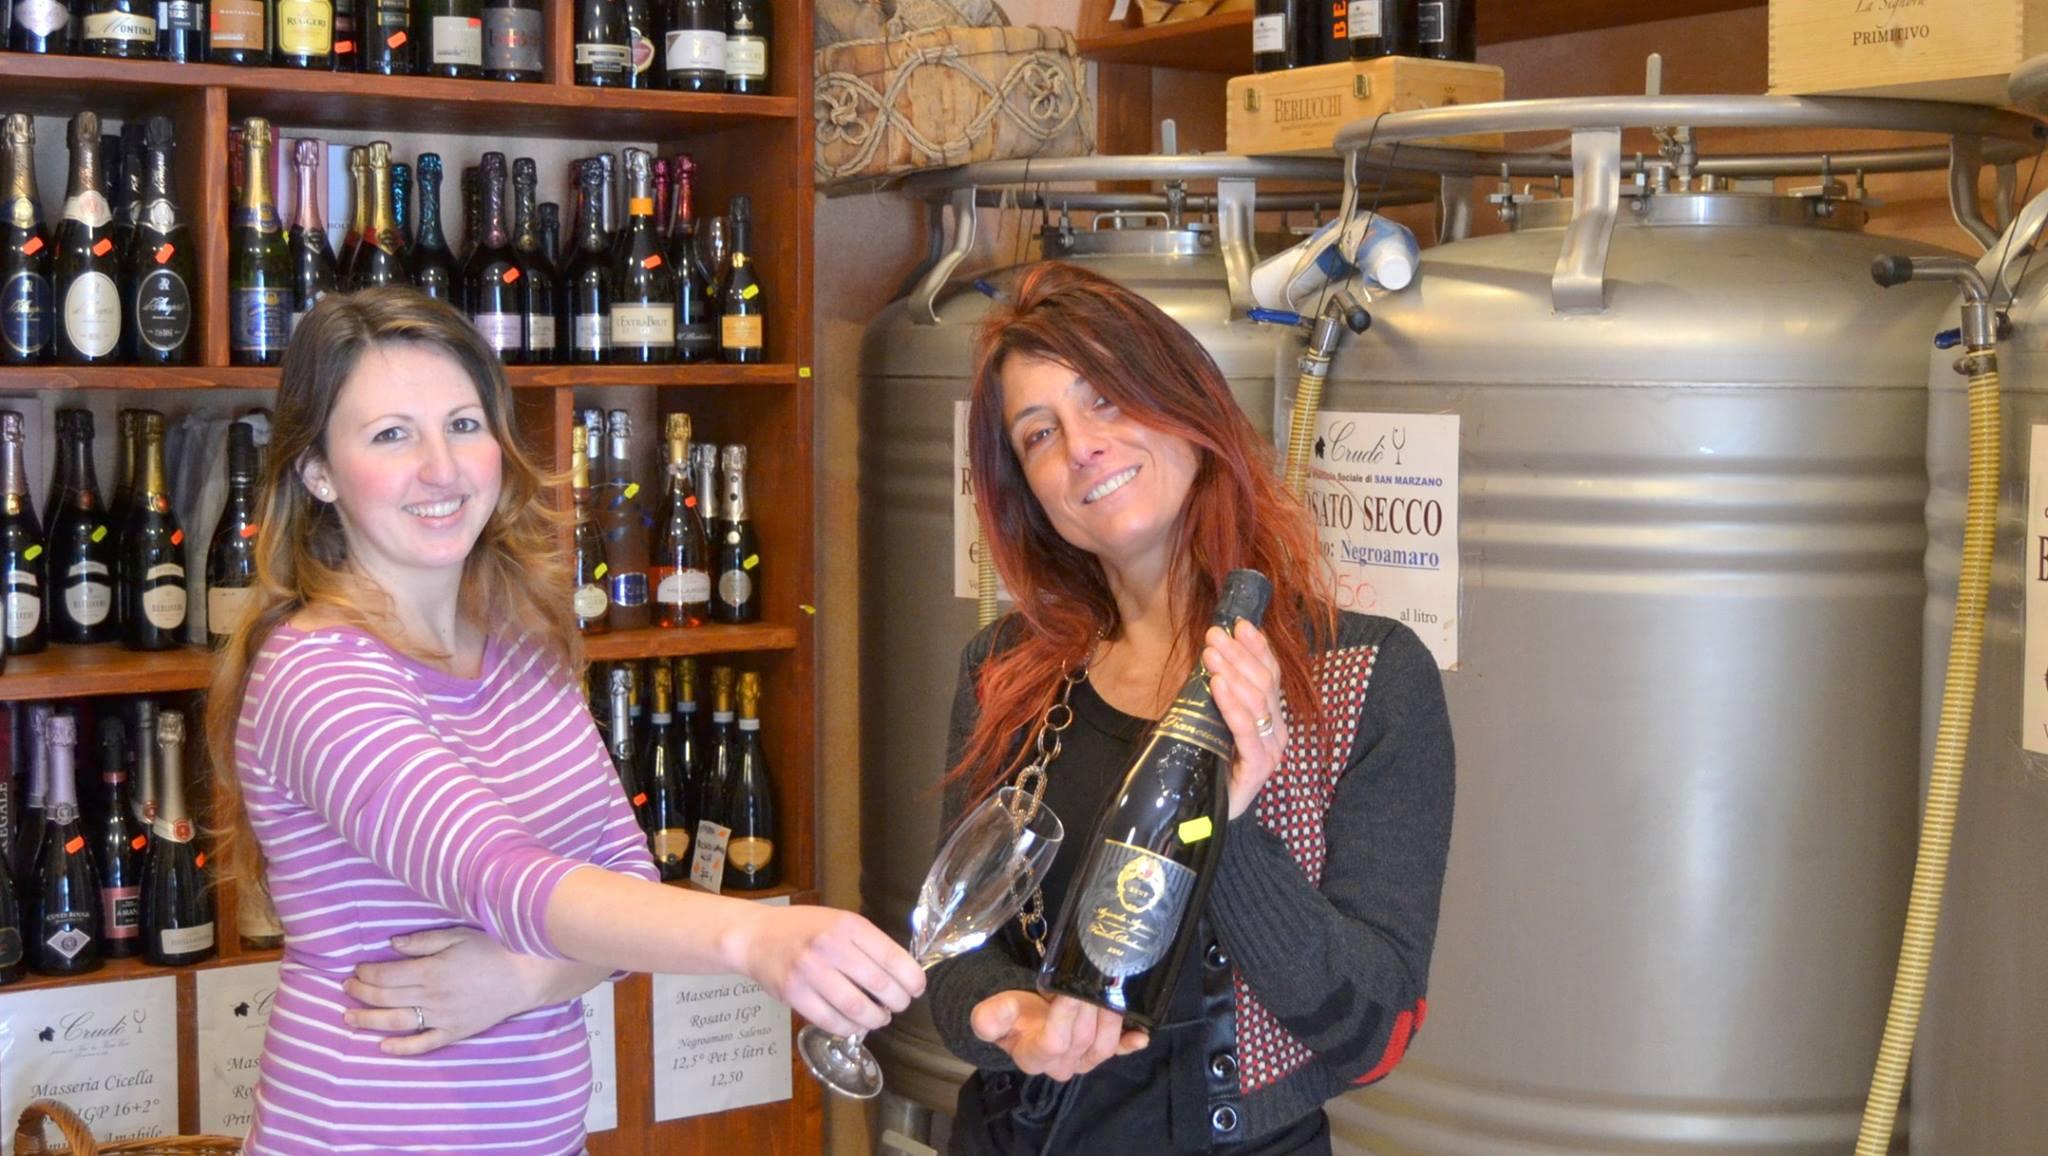 Enoteca Crudò: a Taranto, il vino di qualità per tutte le tasche